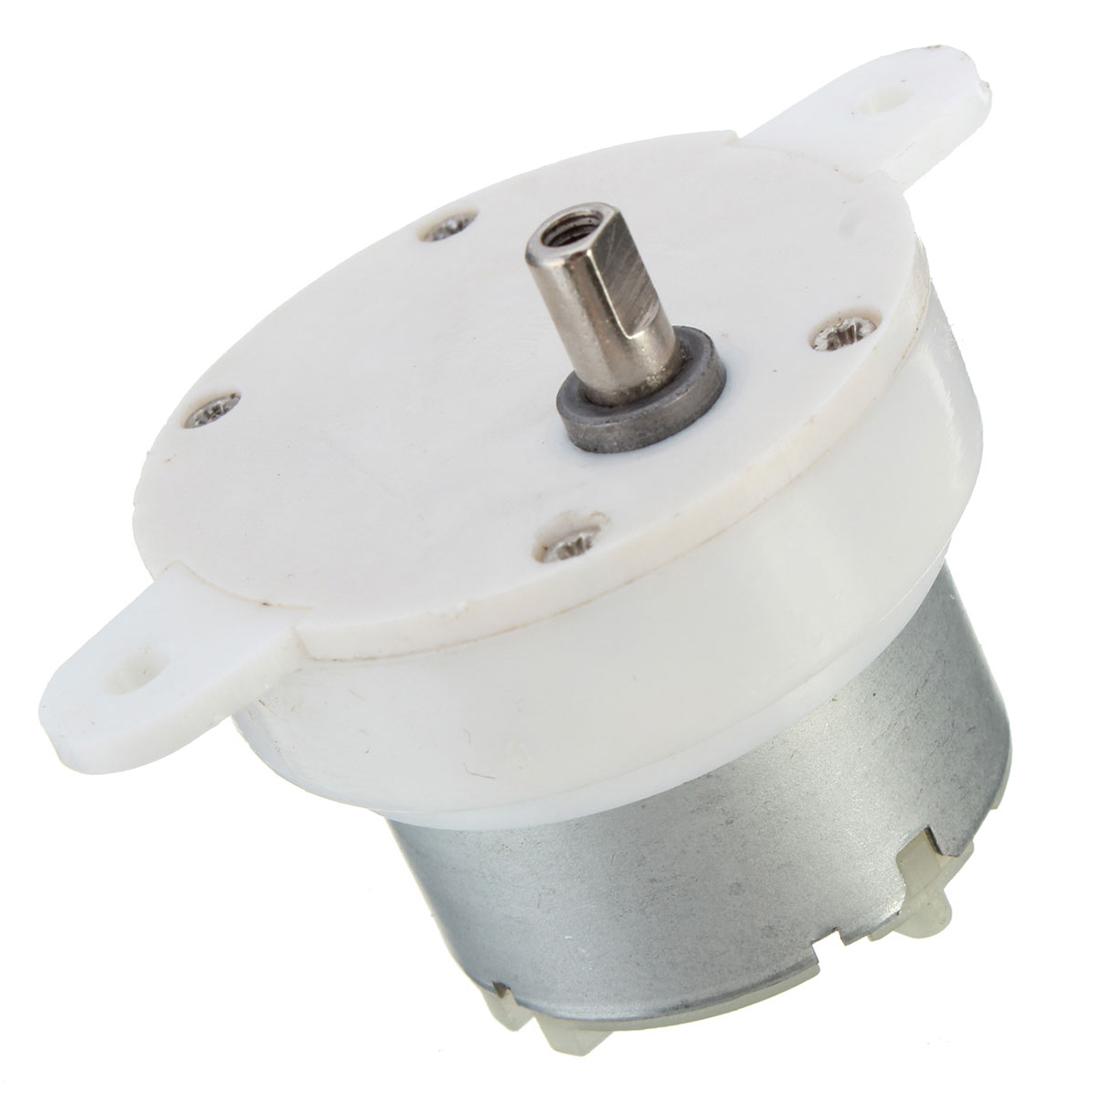 12v dc 3 rpm motoriduttore momento torcente alto rotazione for Dc gear motor 12v 500 rpm